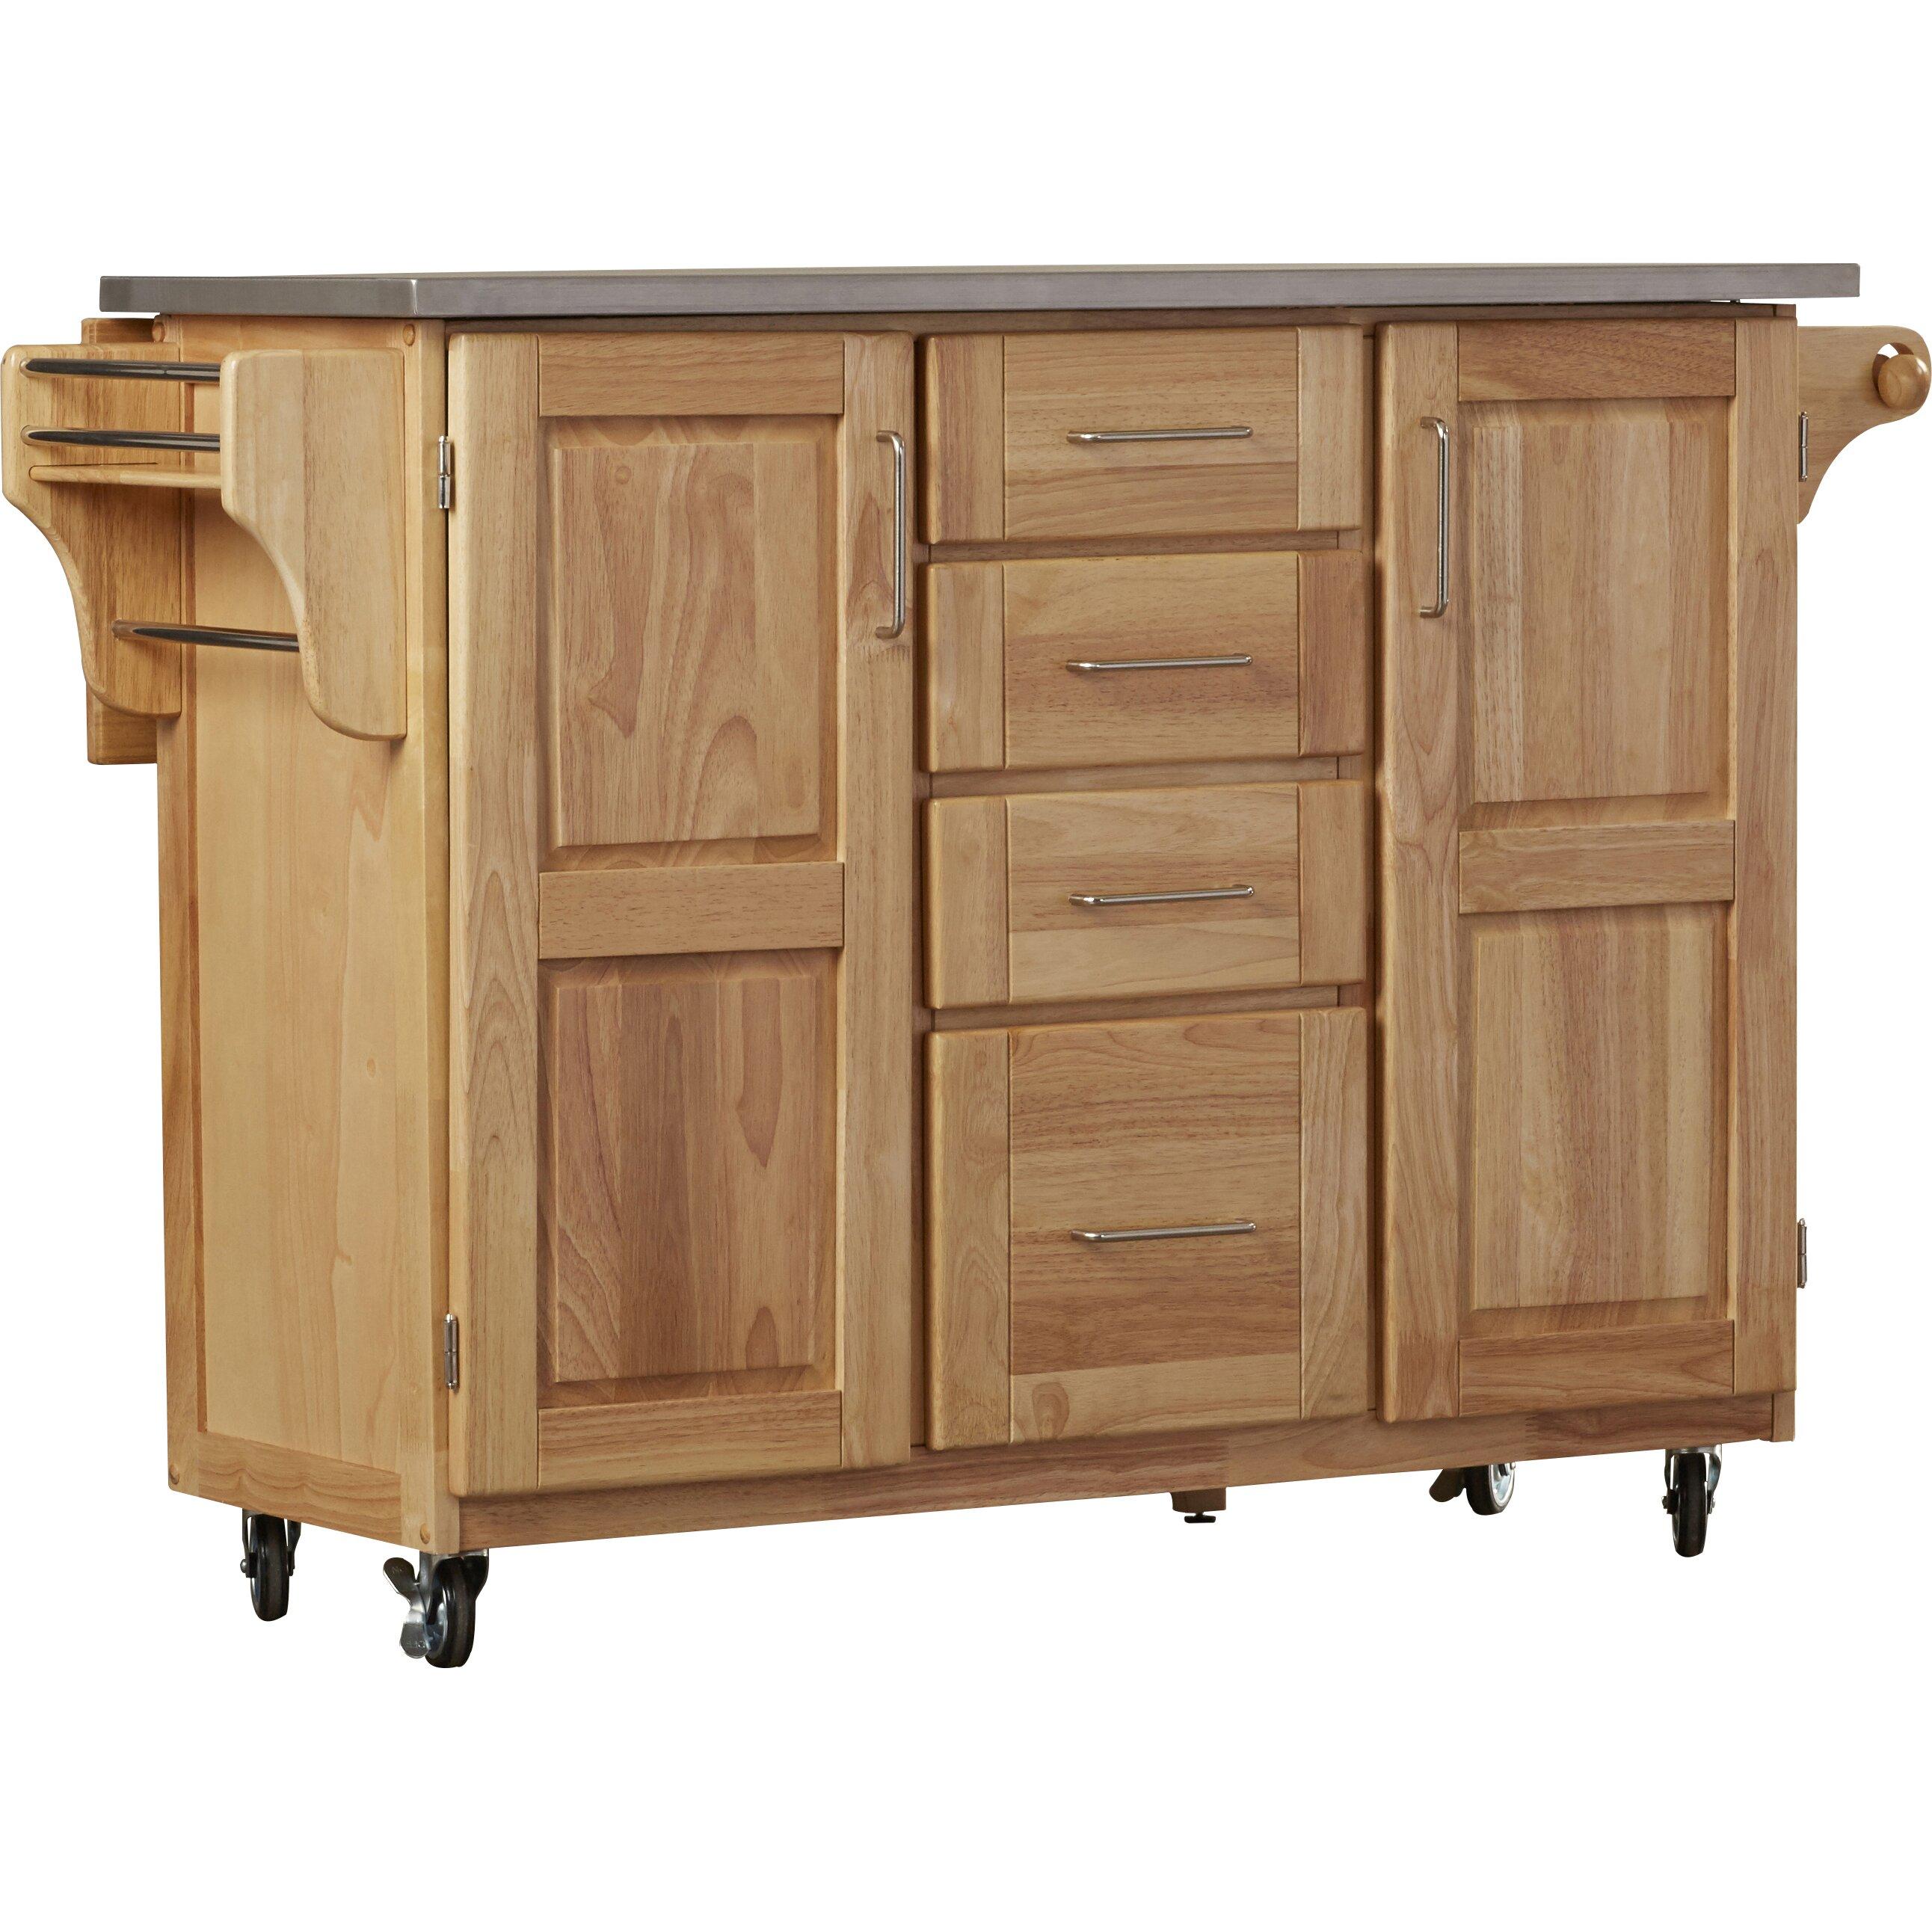 Hausratversicherungkosten Best Ideas Extraordinary Kitchen Island Stainless Steel Top Collection 5639